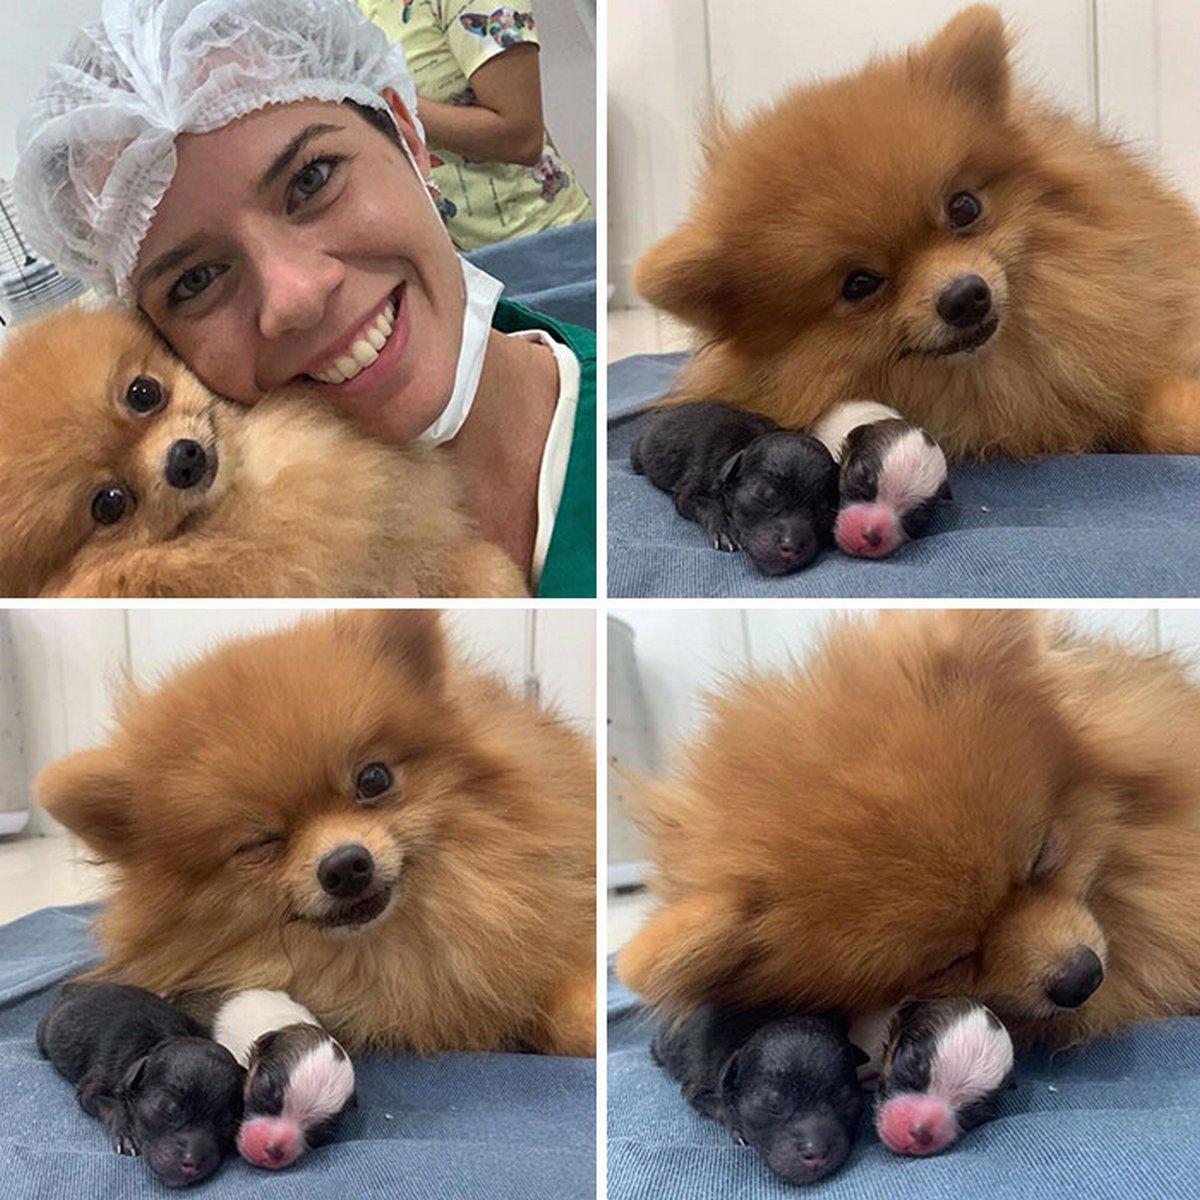 Ces vétérinaires ont rencontré les animaux les plus mignons au travail et n'ont pas hésité à prendre une photo